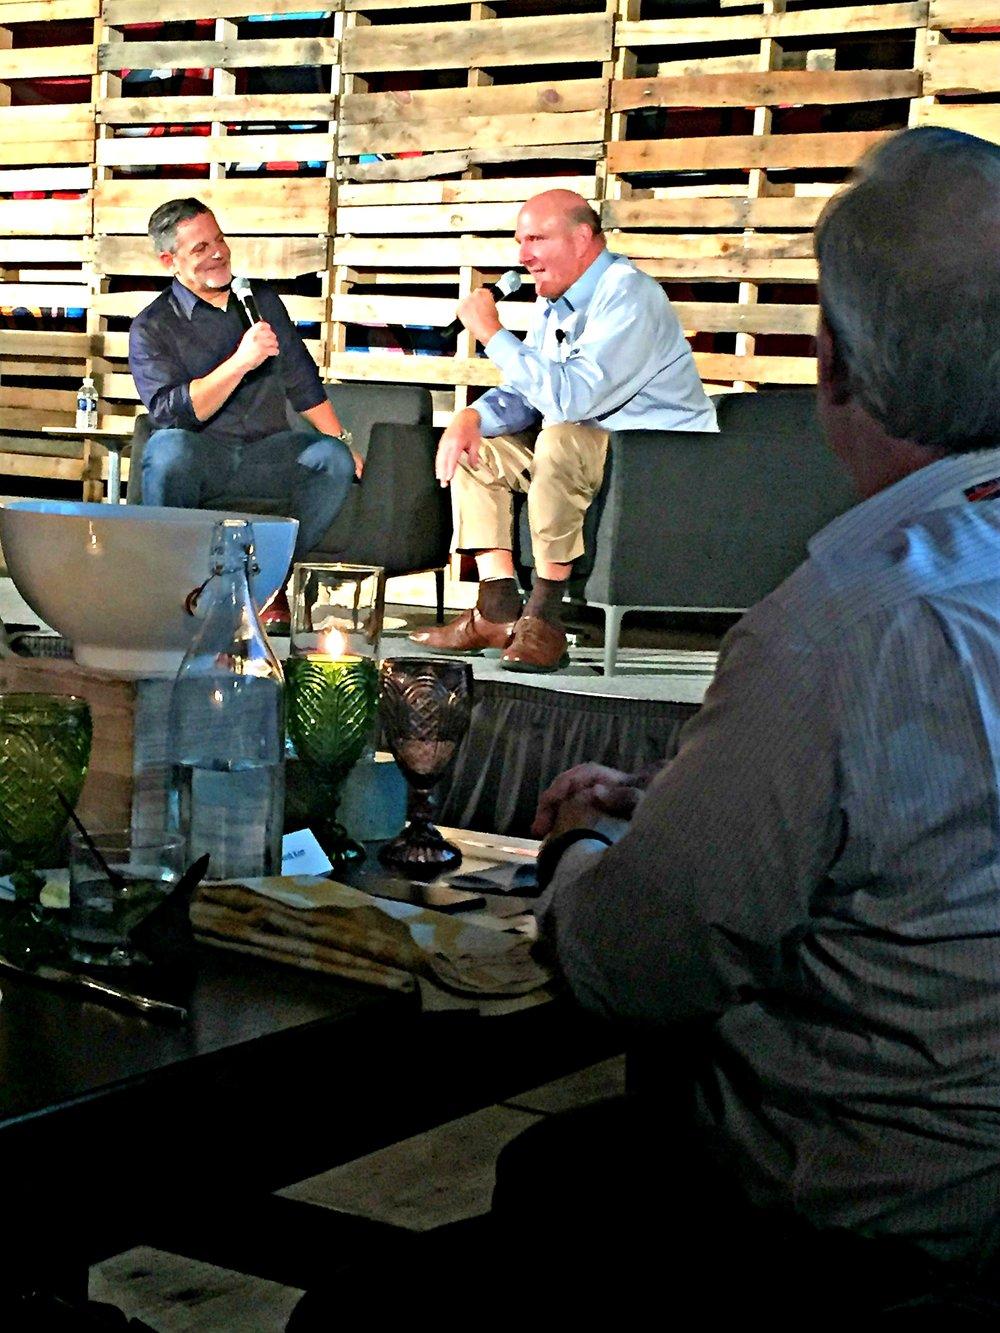 Dan Gilbert, Steve Ballmer